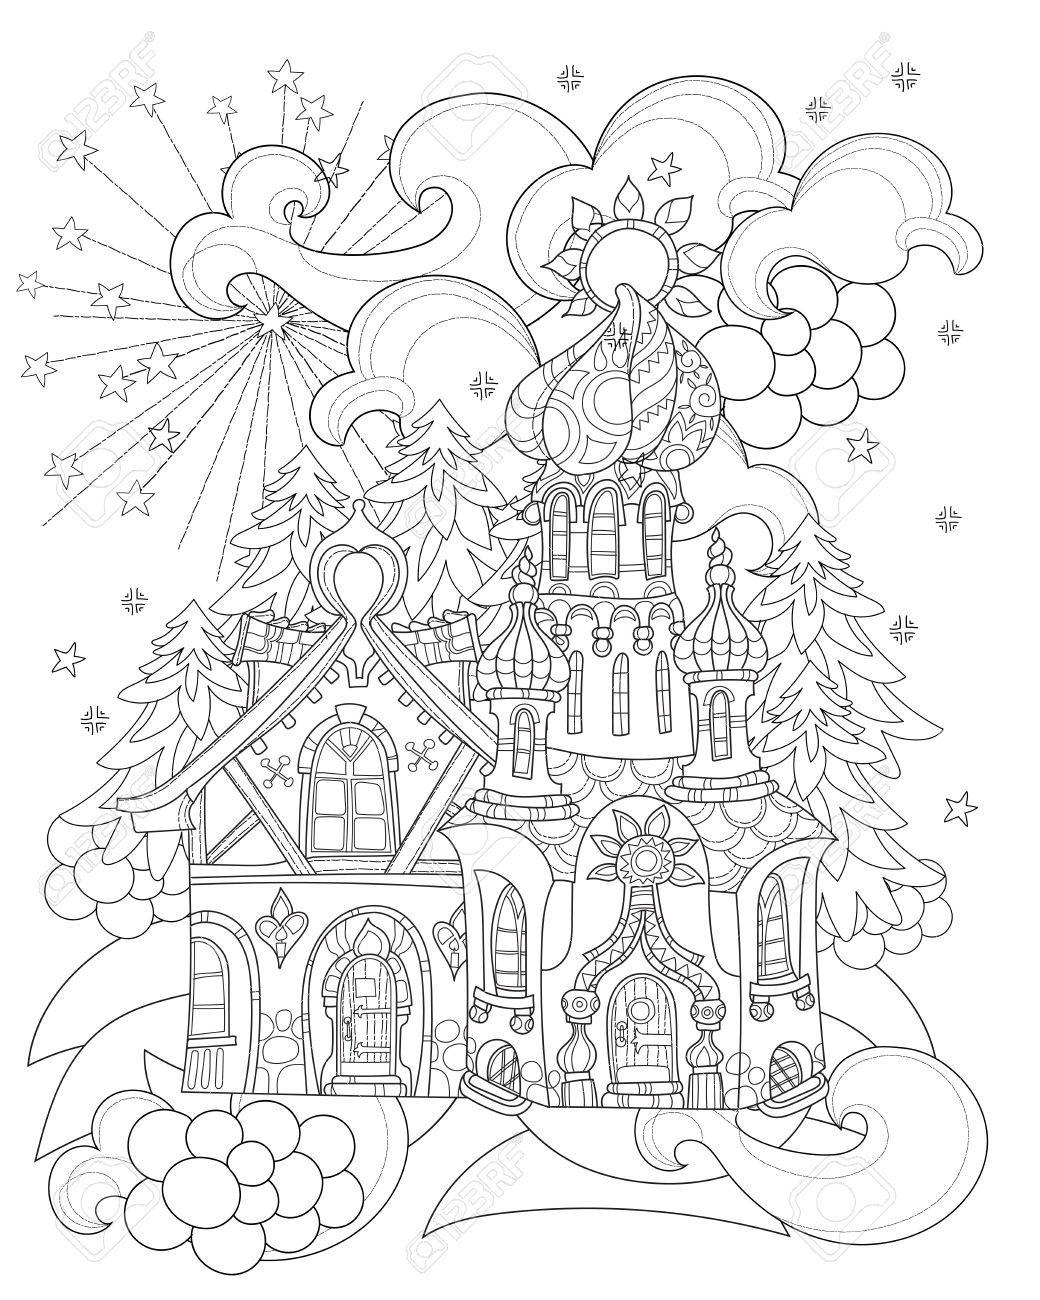 Pin de Susanna Streeter en Coloring Pages - Patterns | Pinterest ...